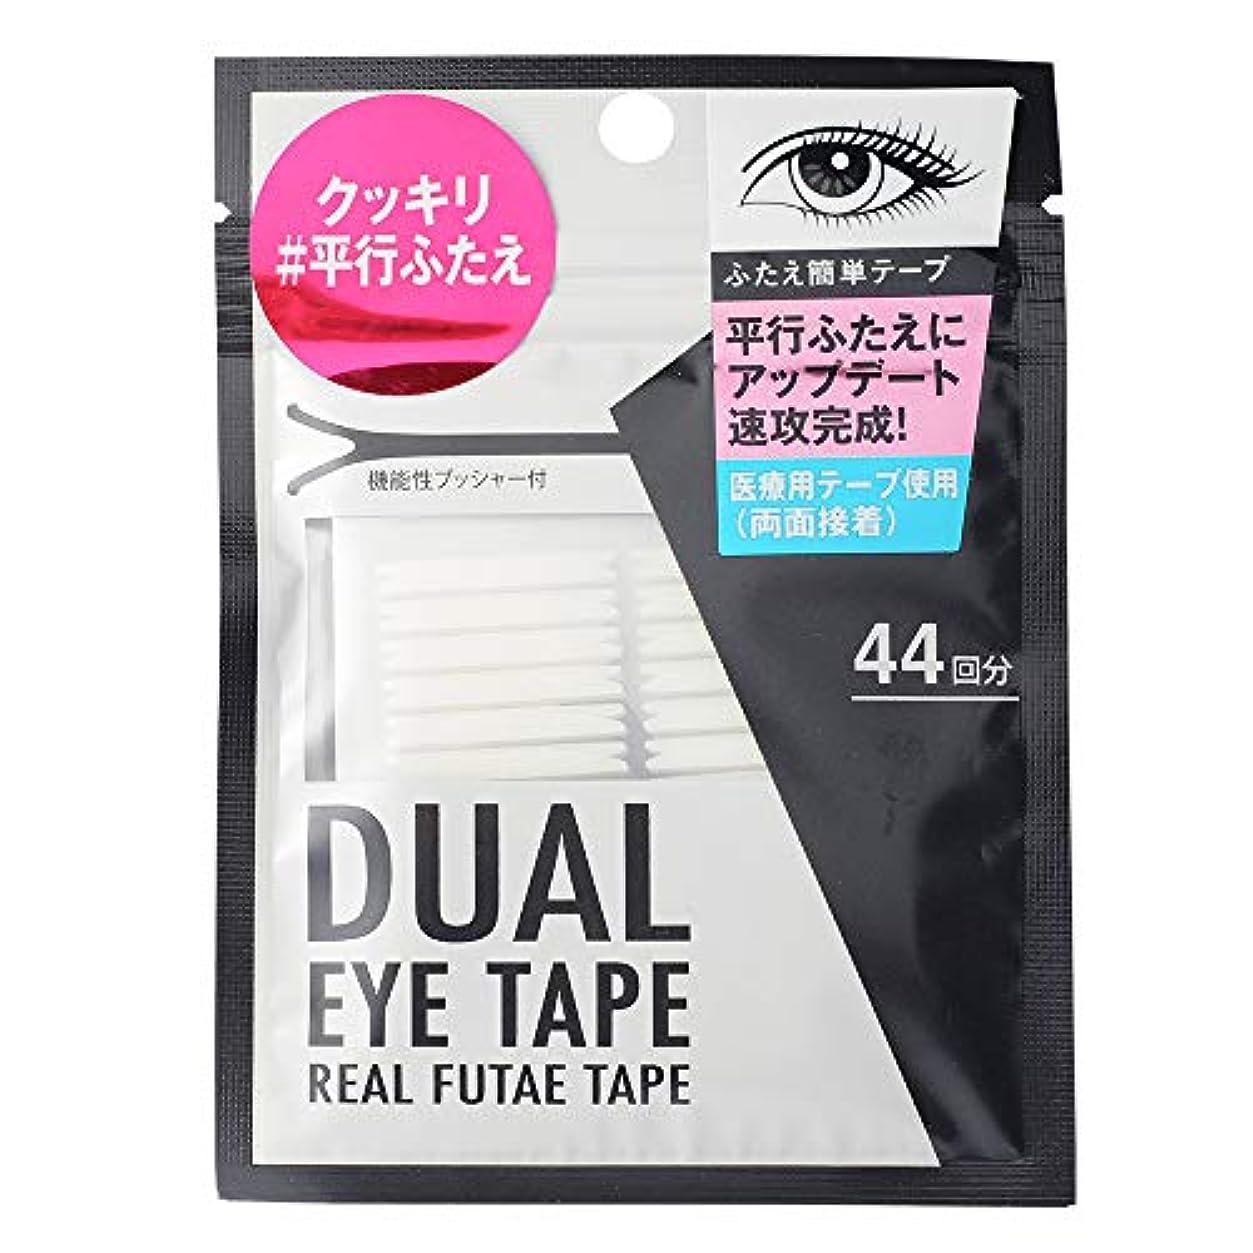 袋にもかかわらず引退したデュアルアイテープ (平行ふたえ両面接着テープ) (44回分)